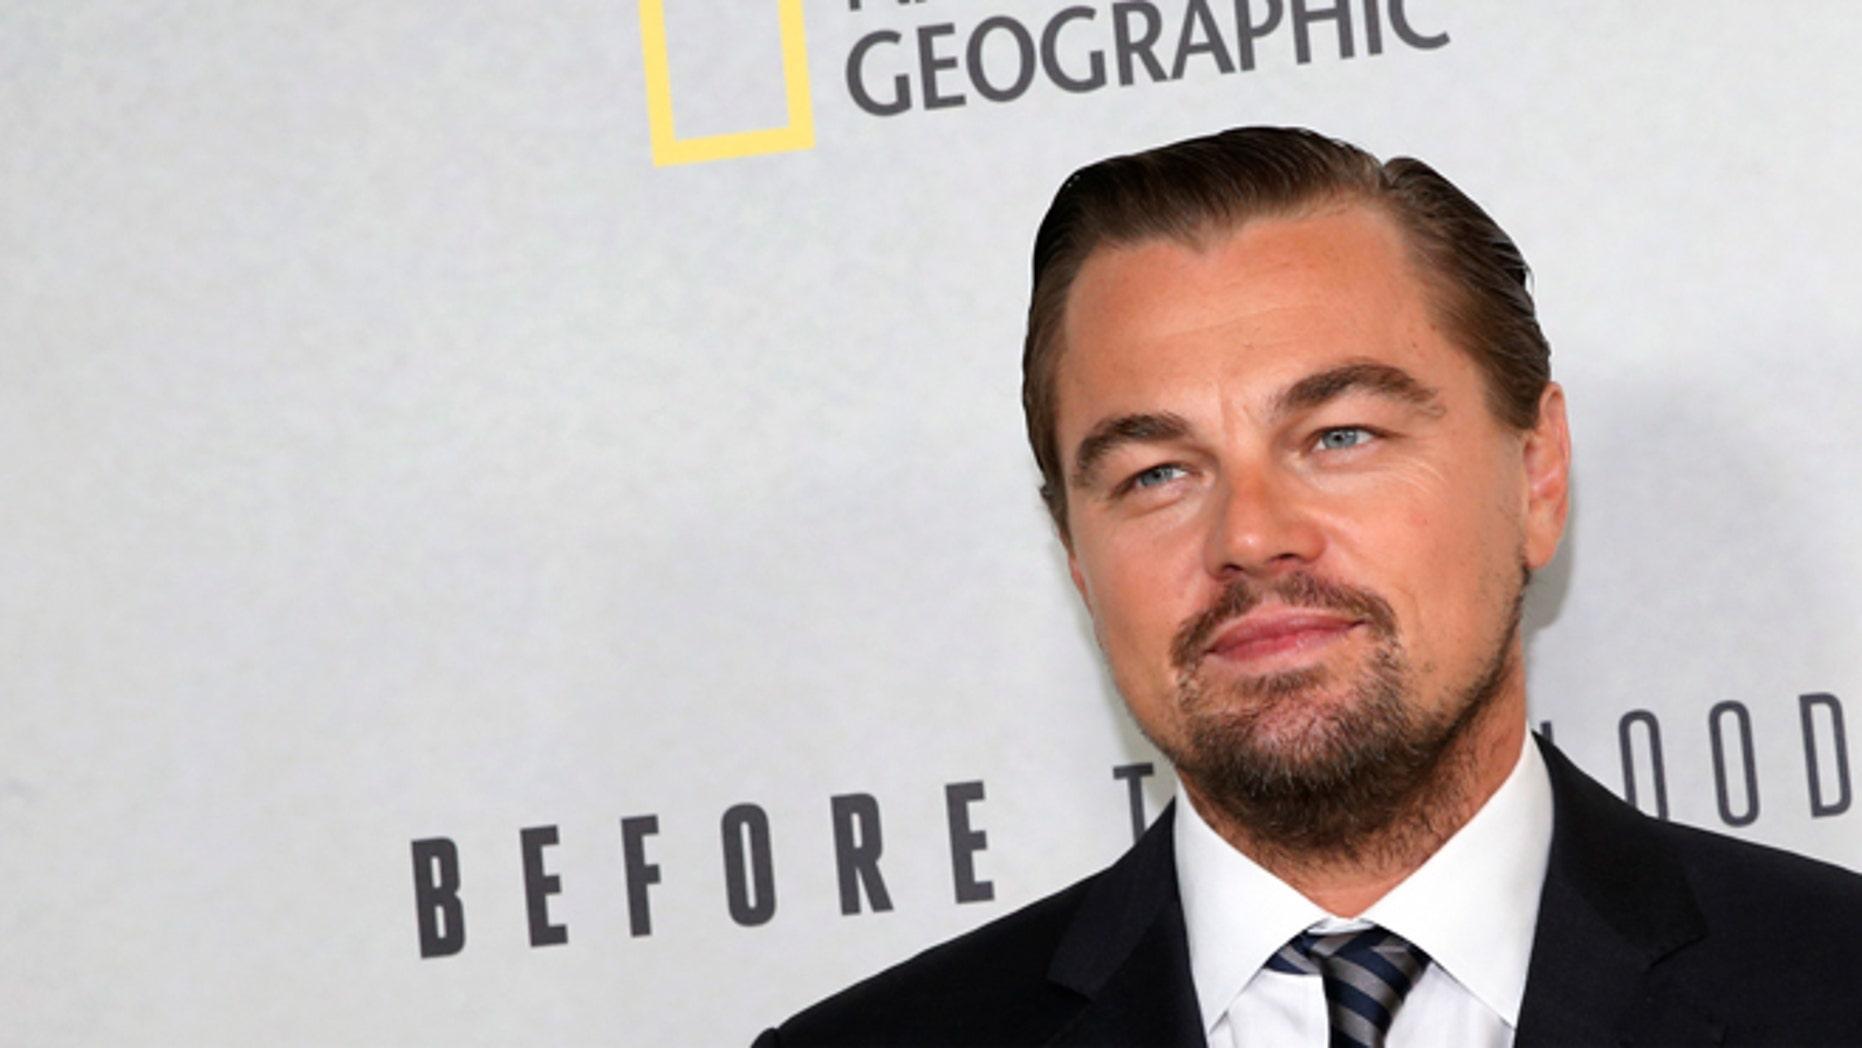 Leonardo DiCaprio is proud of his dad bod.